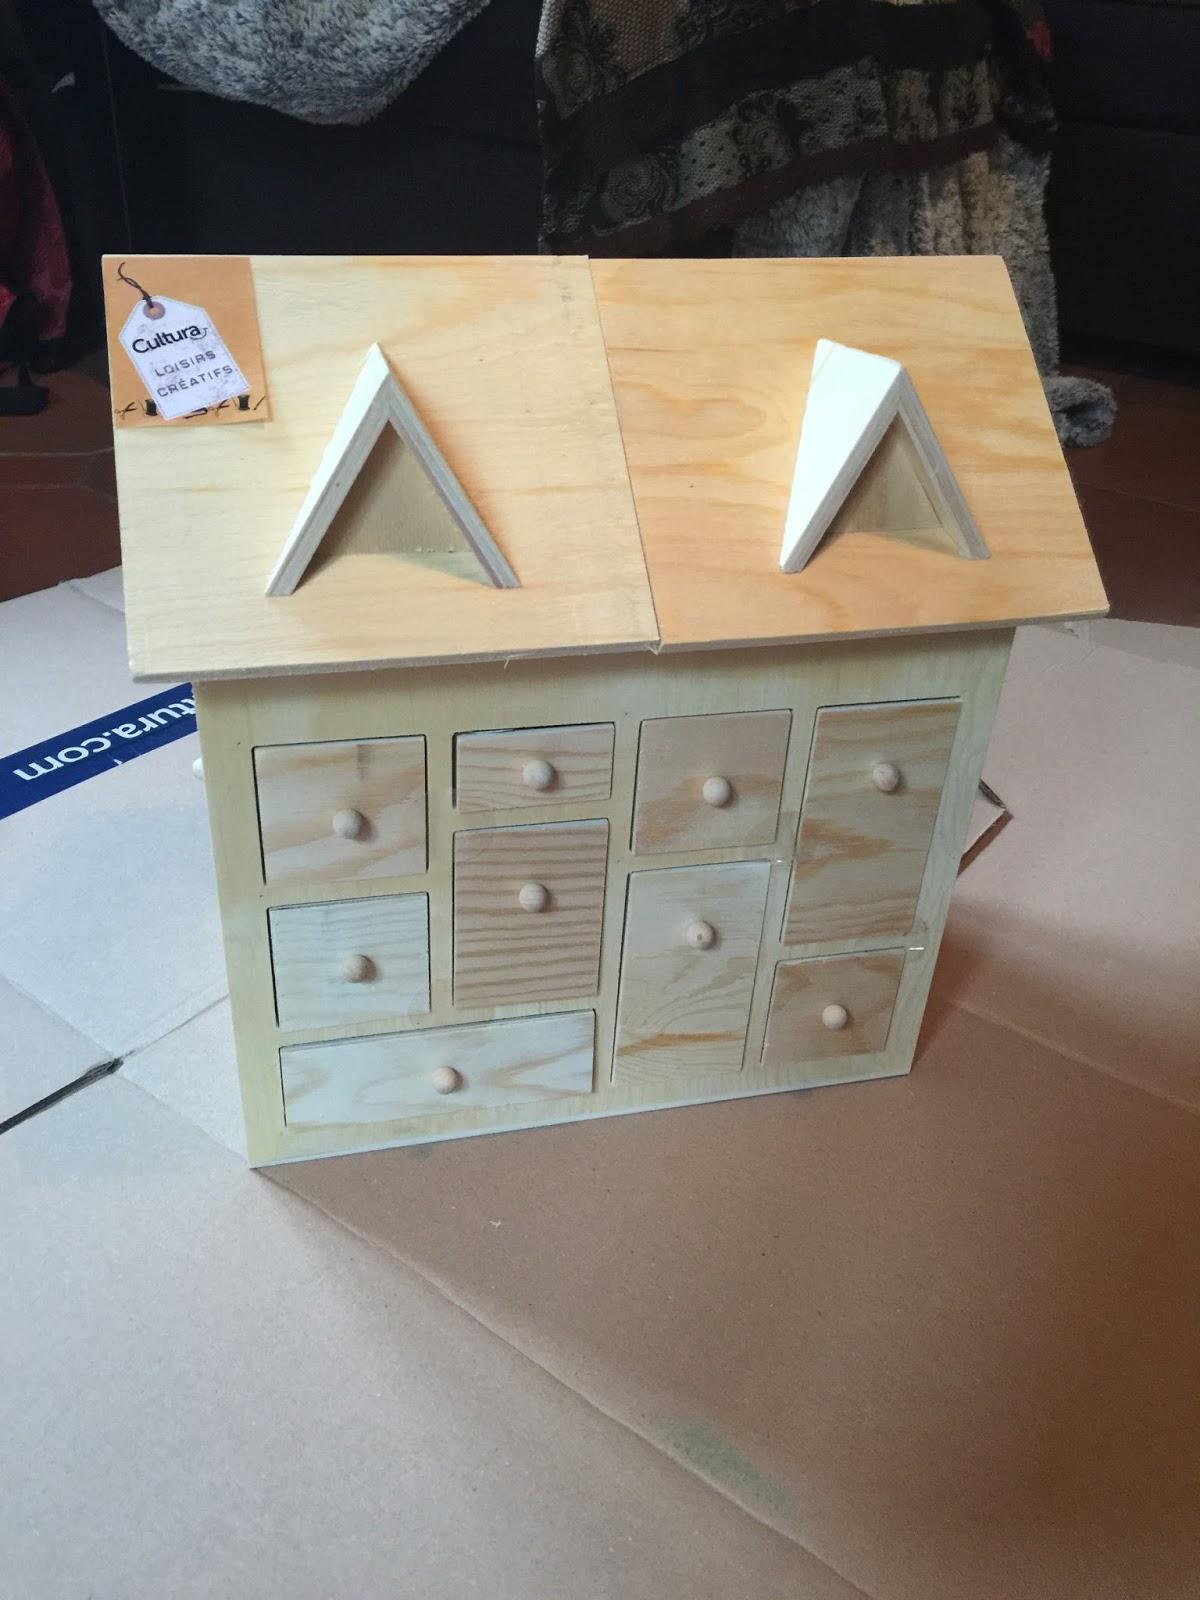 j 39 ai test le calendrier de l 39 avent maison un b b a change la vie. Black Bedroom Furniture Sets. Home Design Ideas